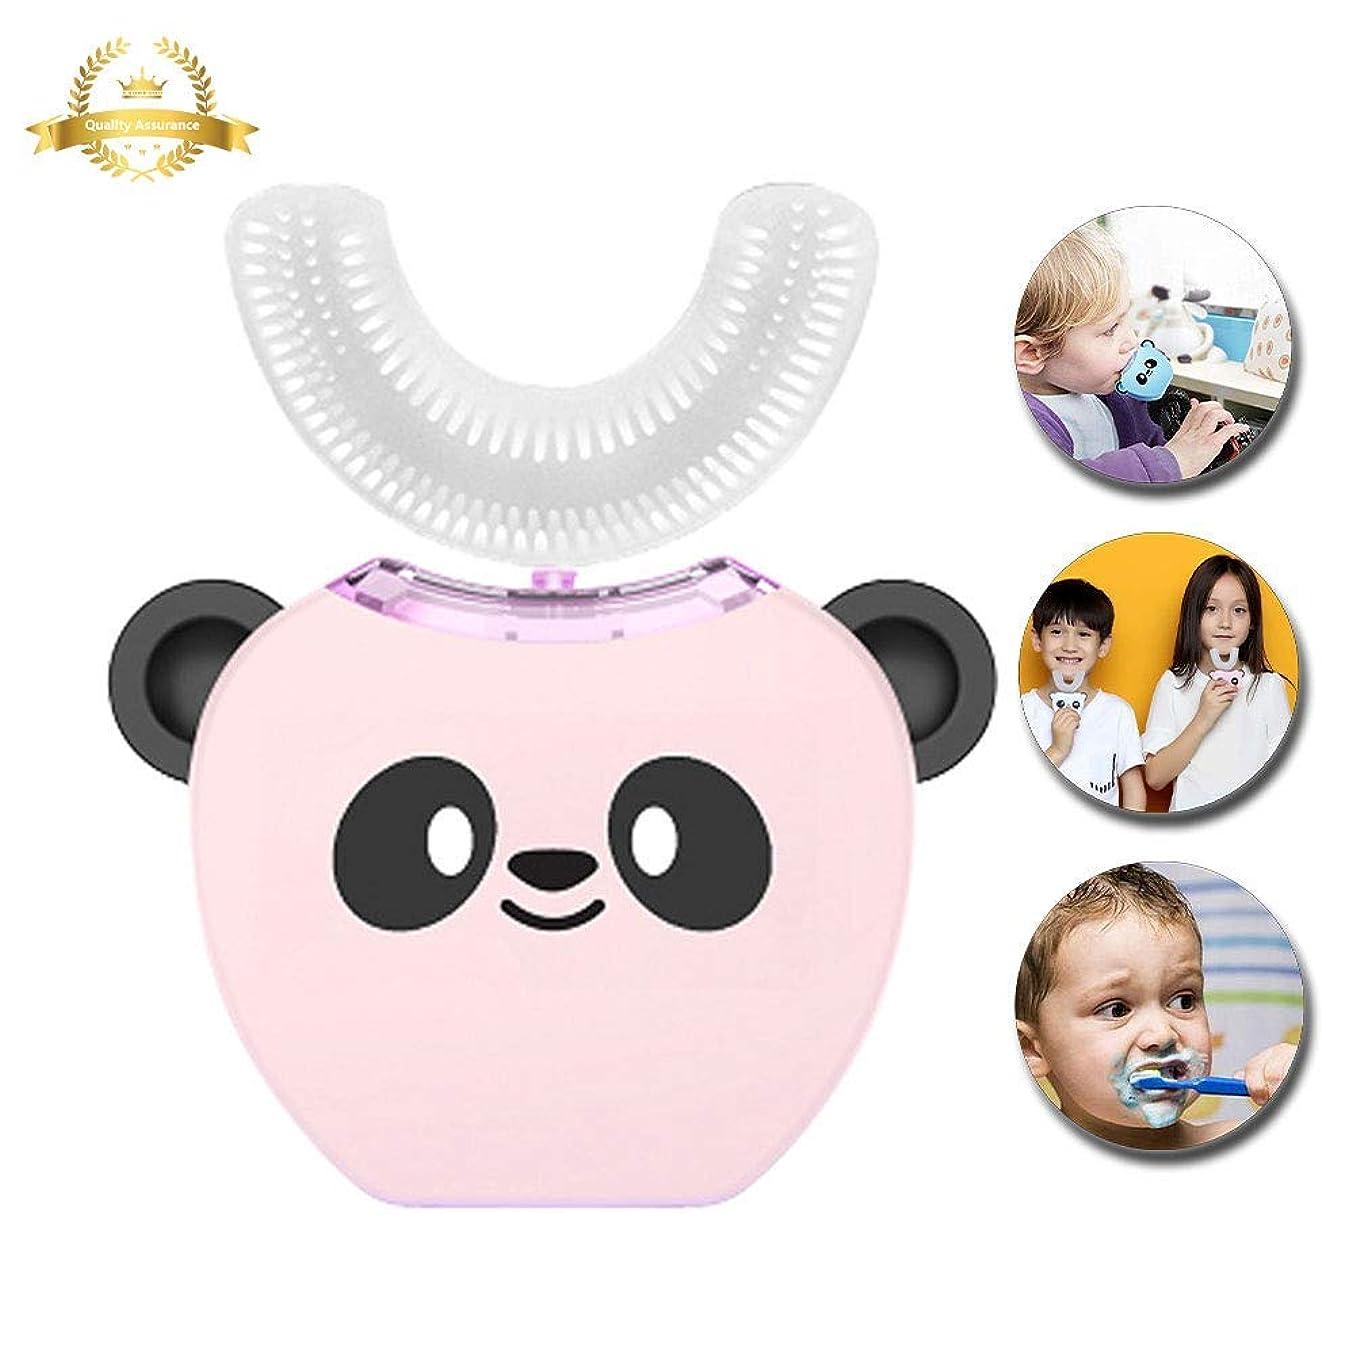 効果倫理的悲しいことにV-white 電動歯ブラシ こども用 超音波振動360°オールラウンドクリーニング、充電式 (ピンク)